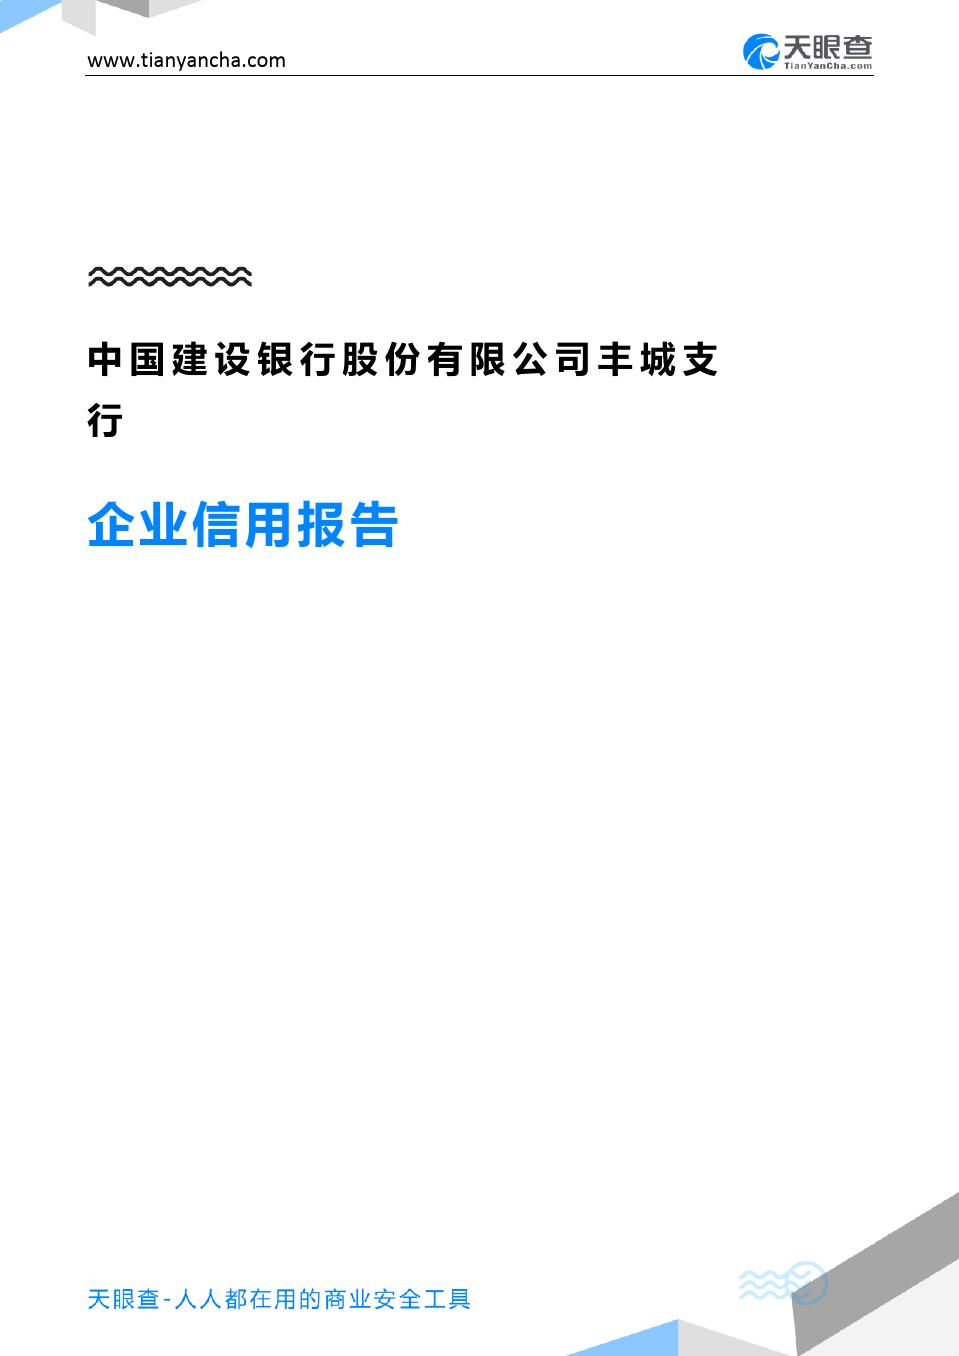 中国建设银行股份有限公司丰城支行(企业信用报告)- 天眼查